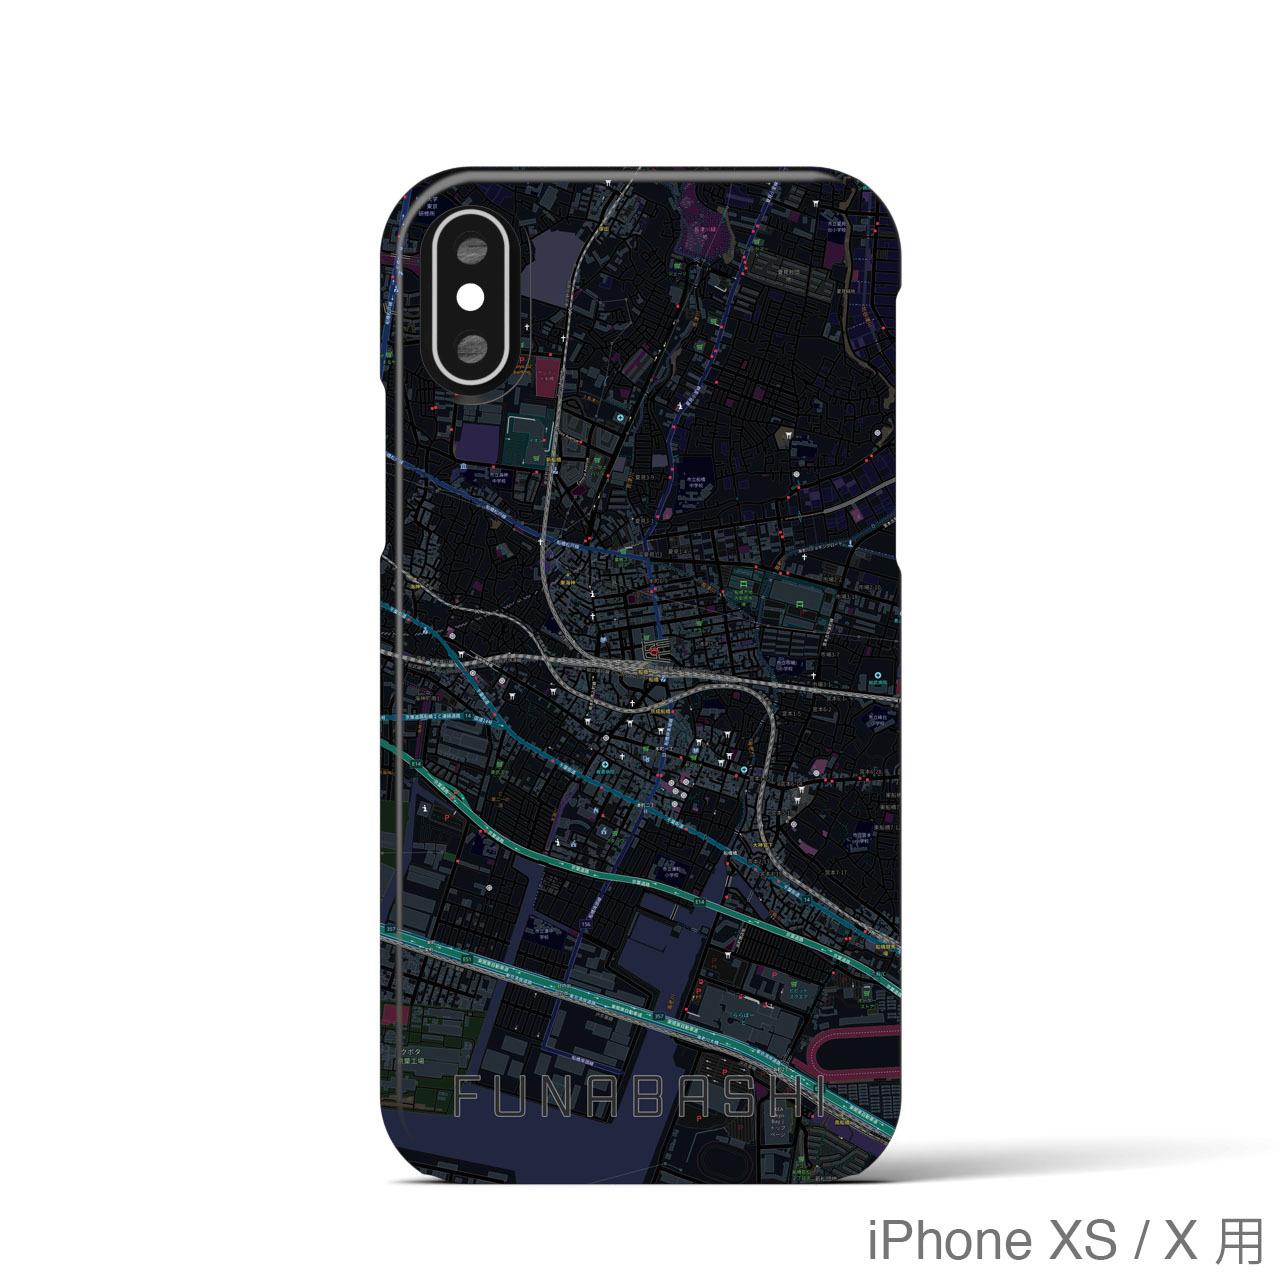 【船橋】地図柄iPhoneケース(バックカバータイプ・ブラック)